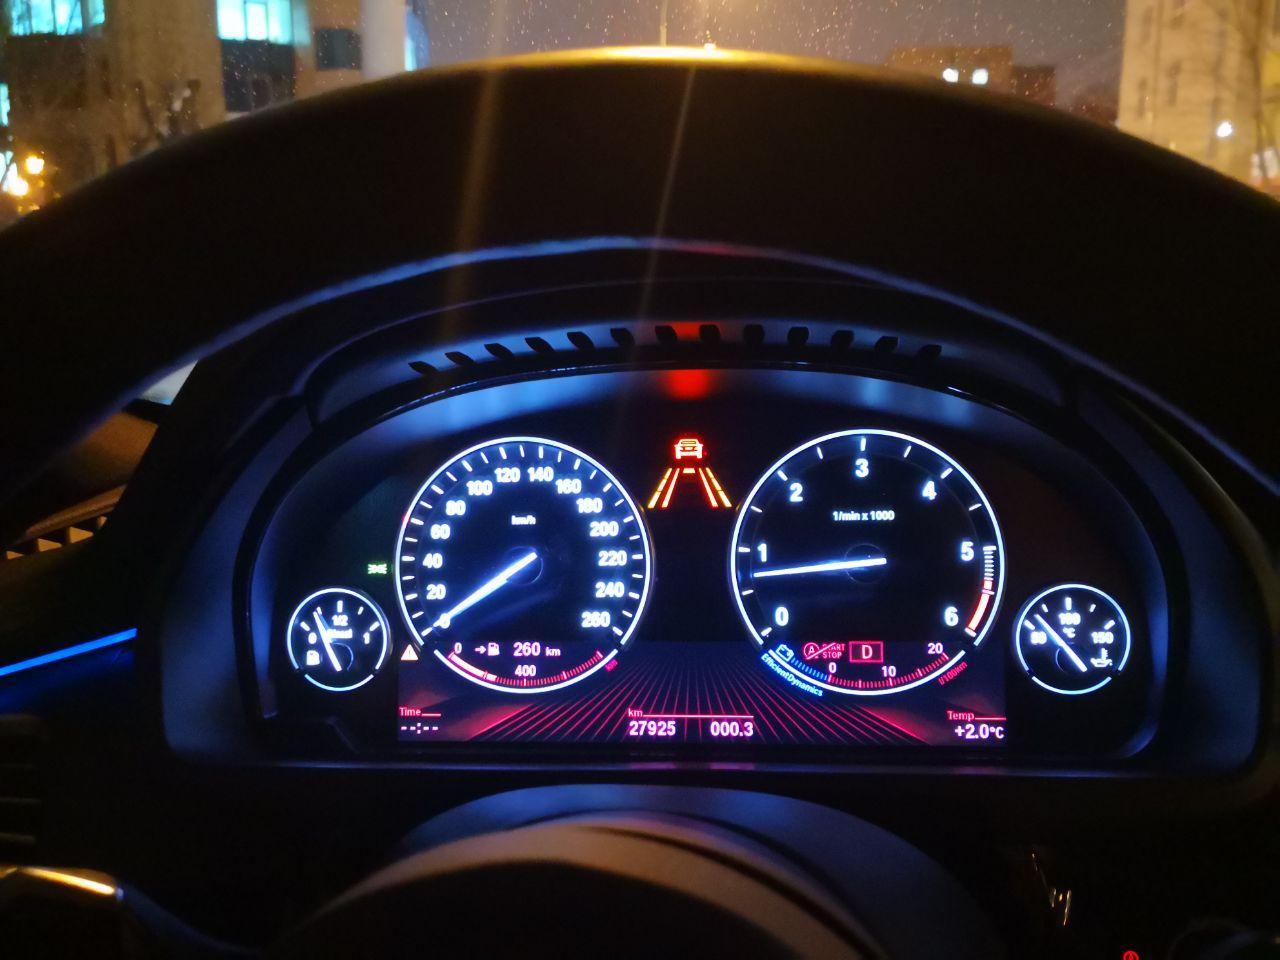 BMW X5 F15, Установка активного круиз контроля ACC